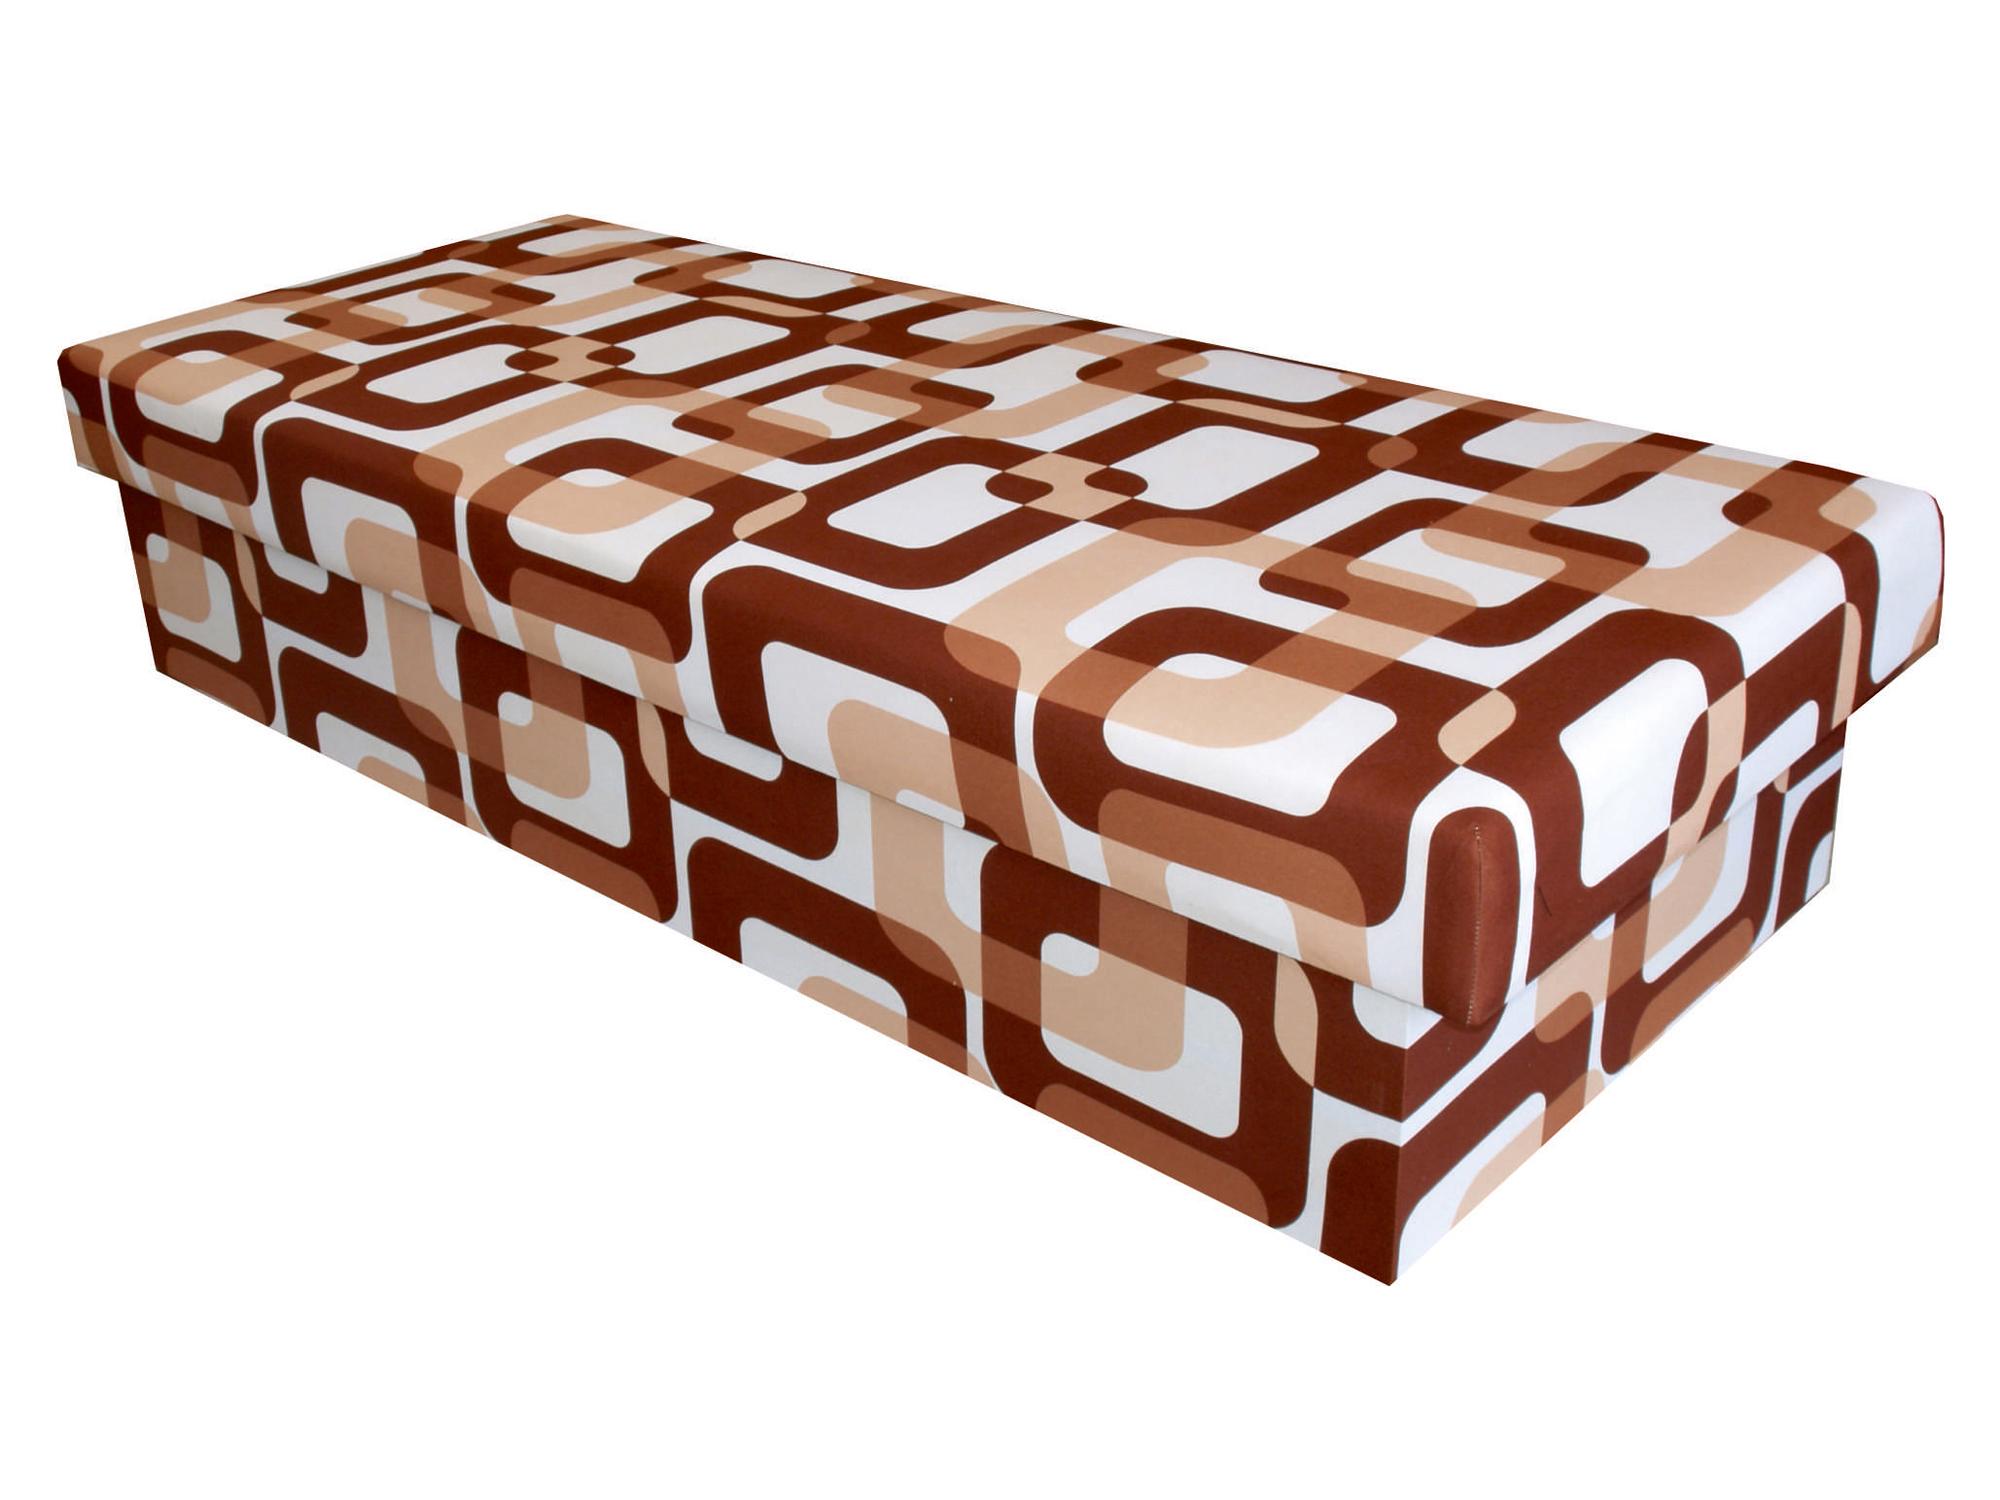 Jednolůžková postel (válenda) 80 cm - Benab - Solo hnědá (s matrací)